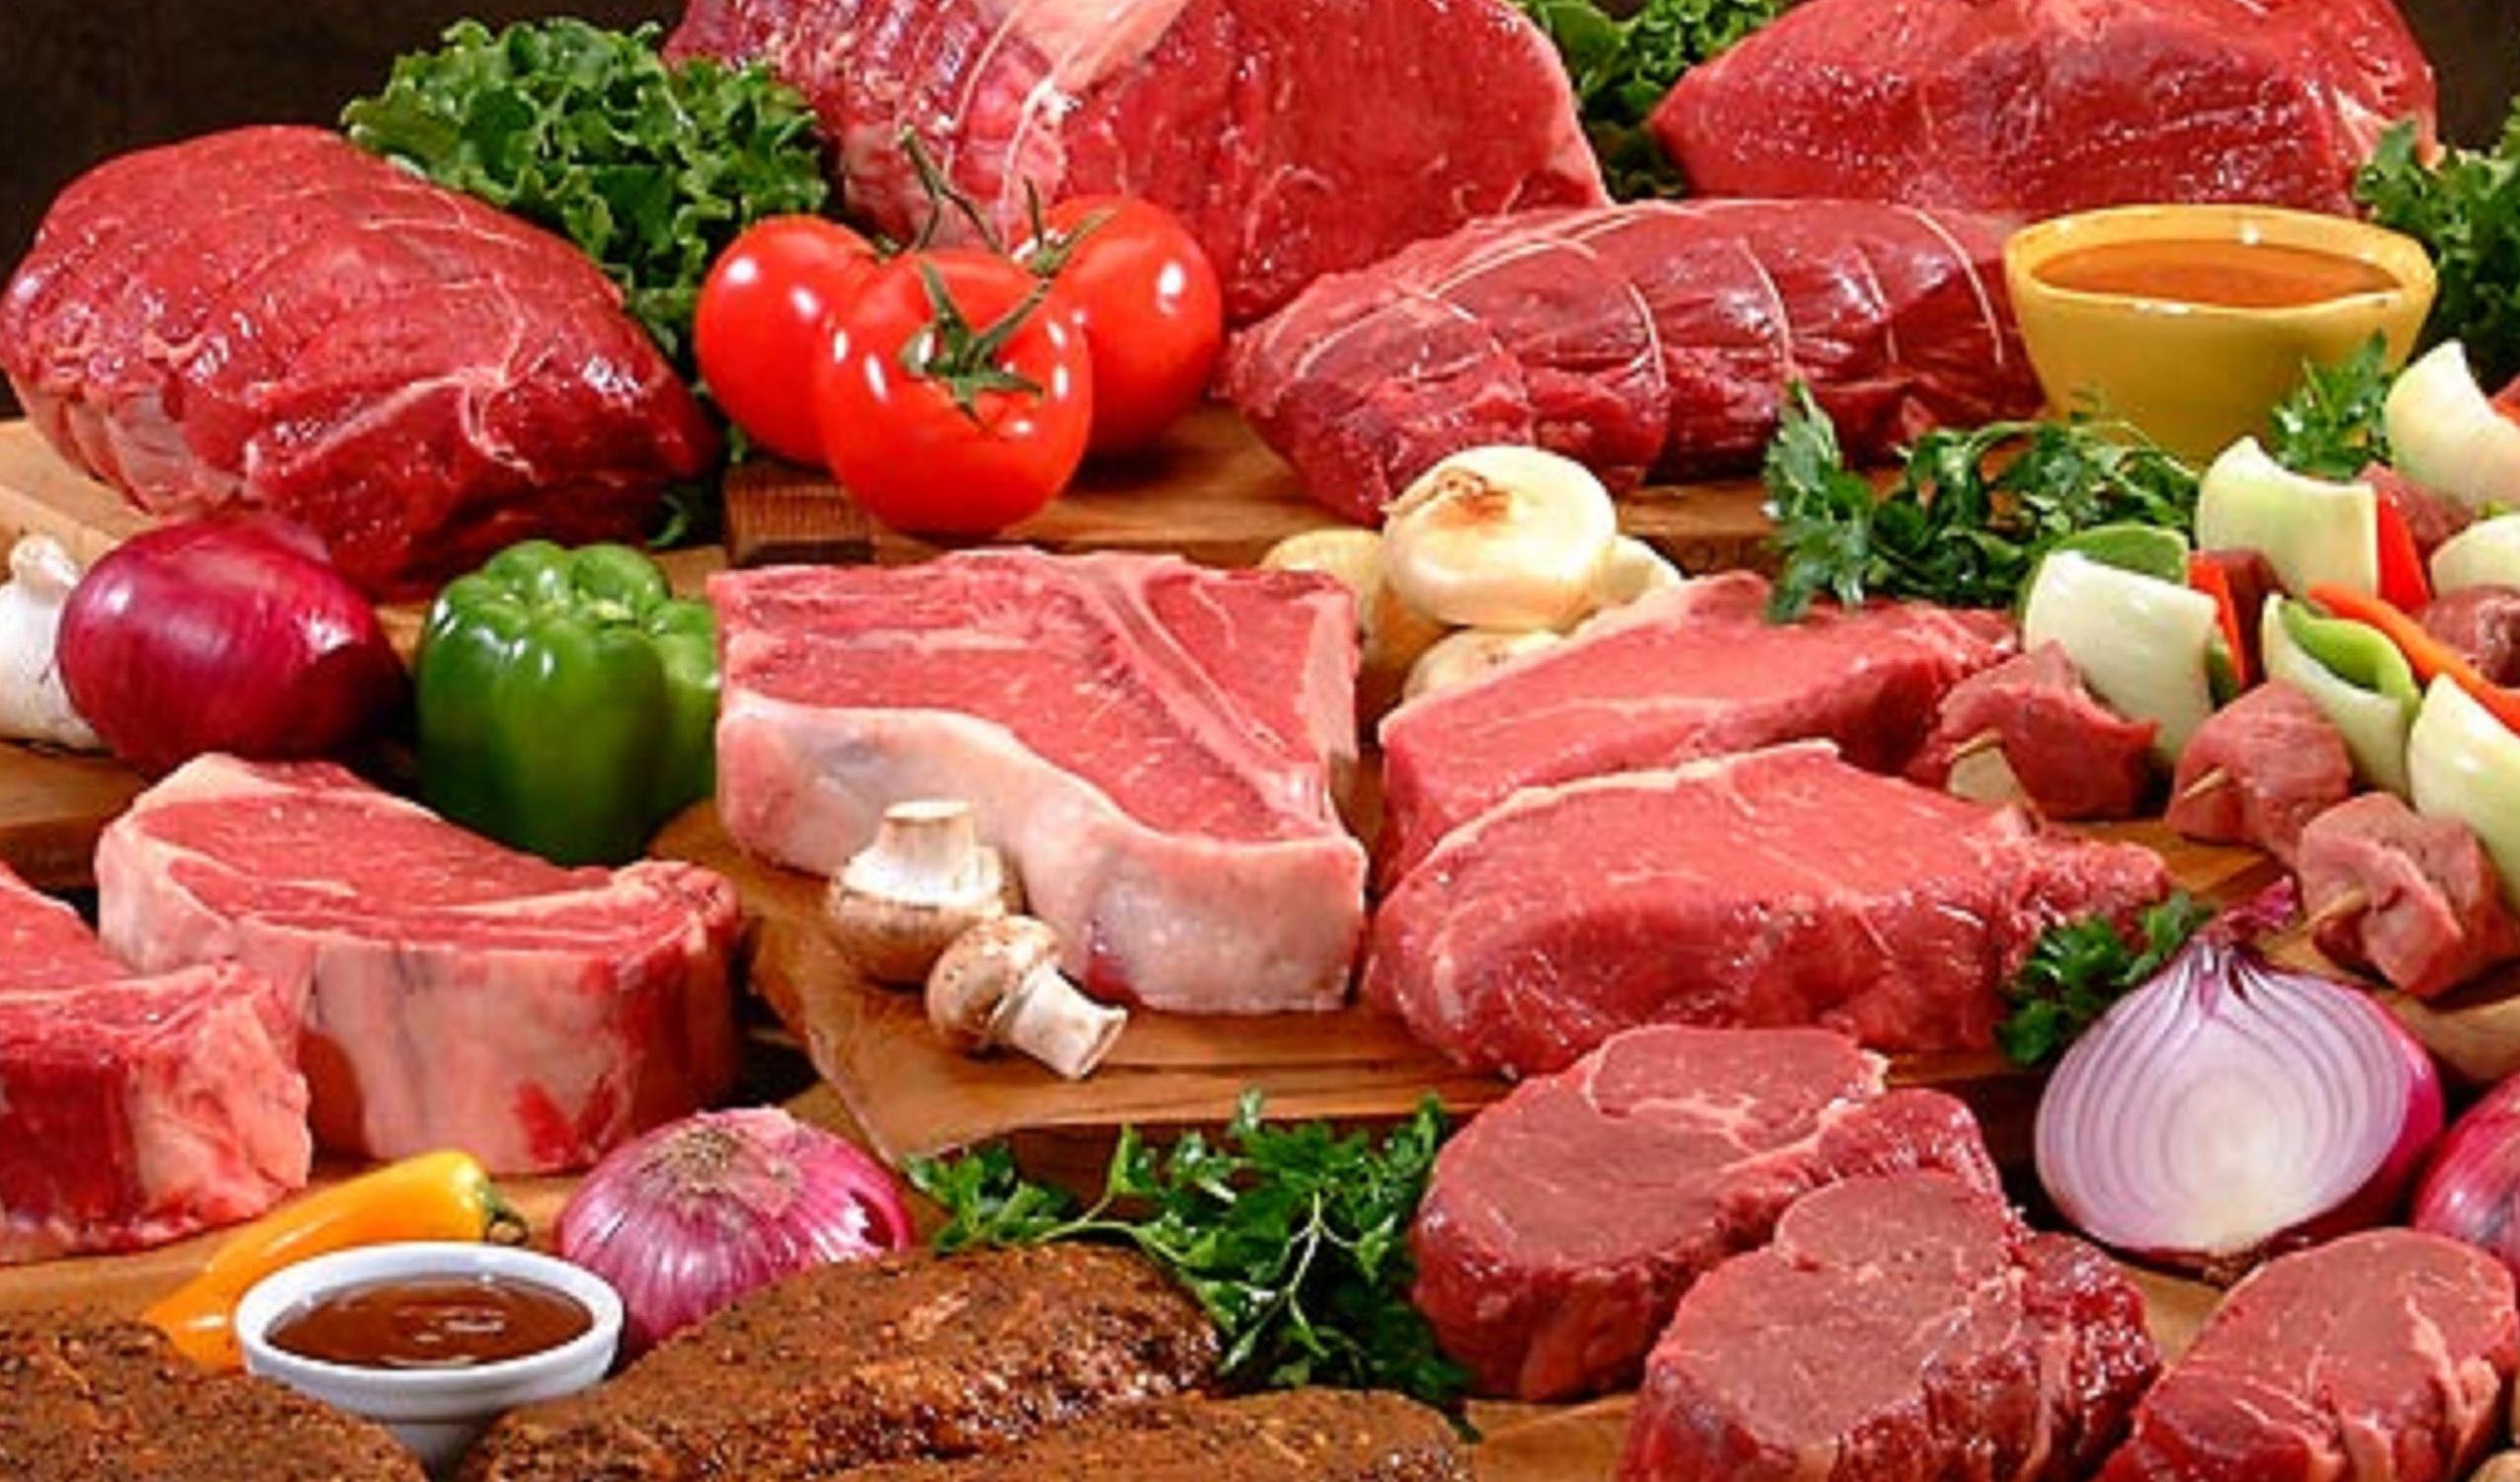 ۶۸ هزار تن گوشت قرمز تولید شد/ تولیدات ۲۹ درصد کاهش یافتند